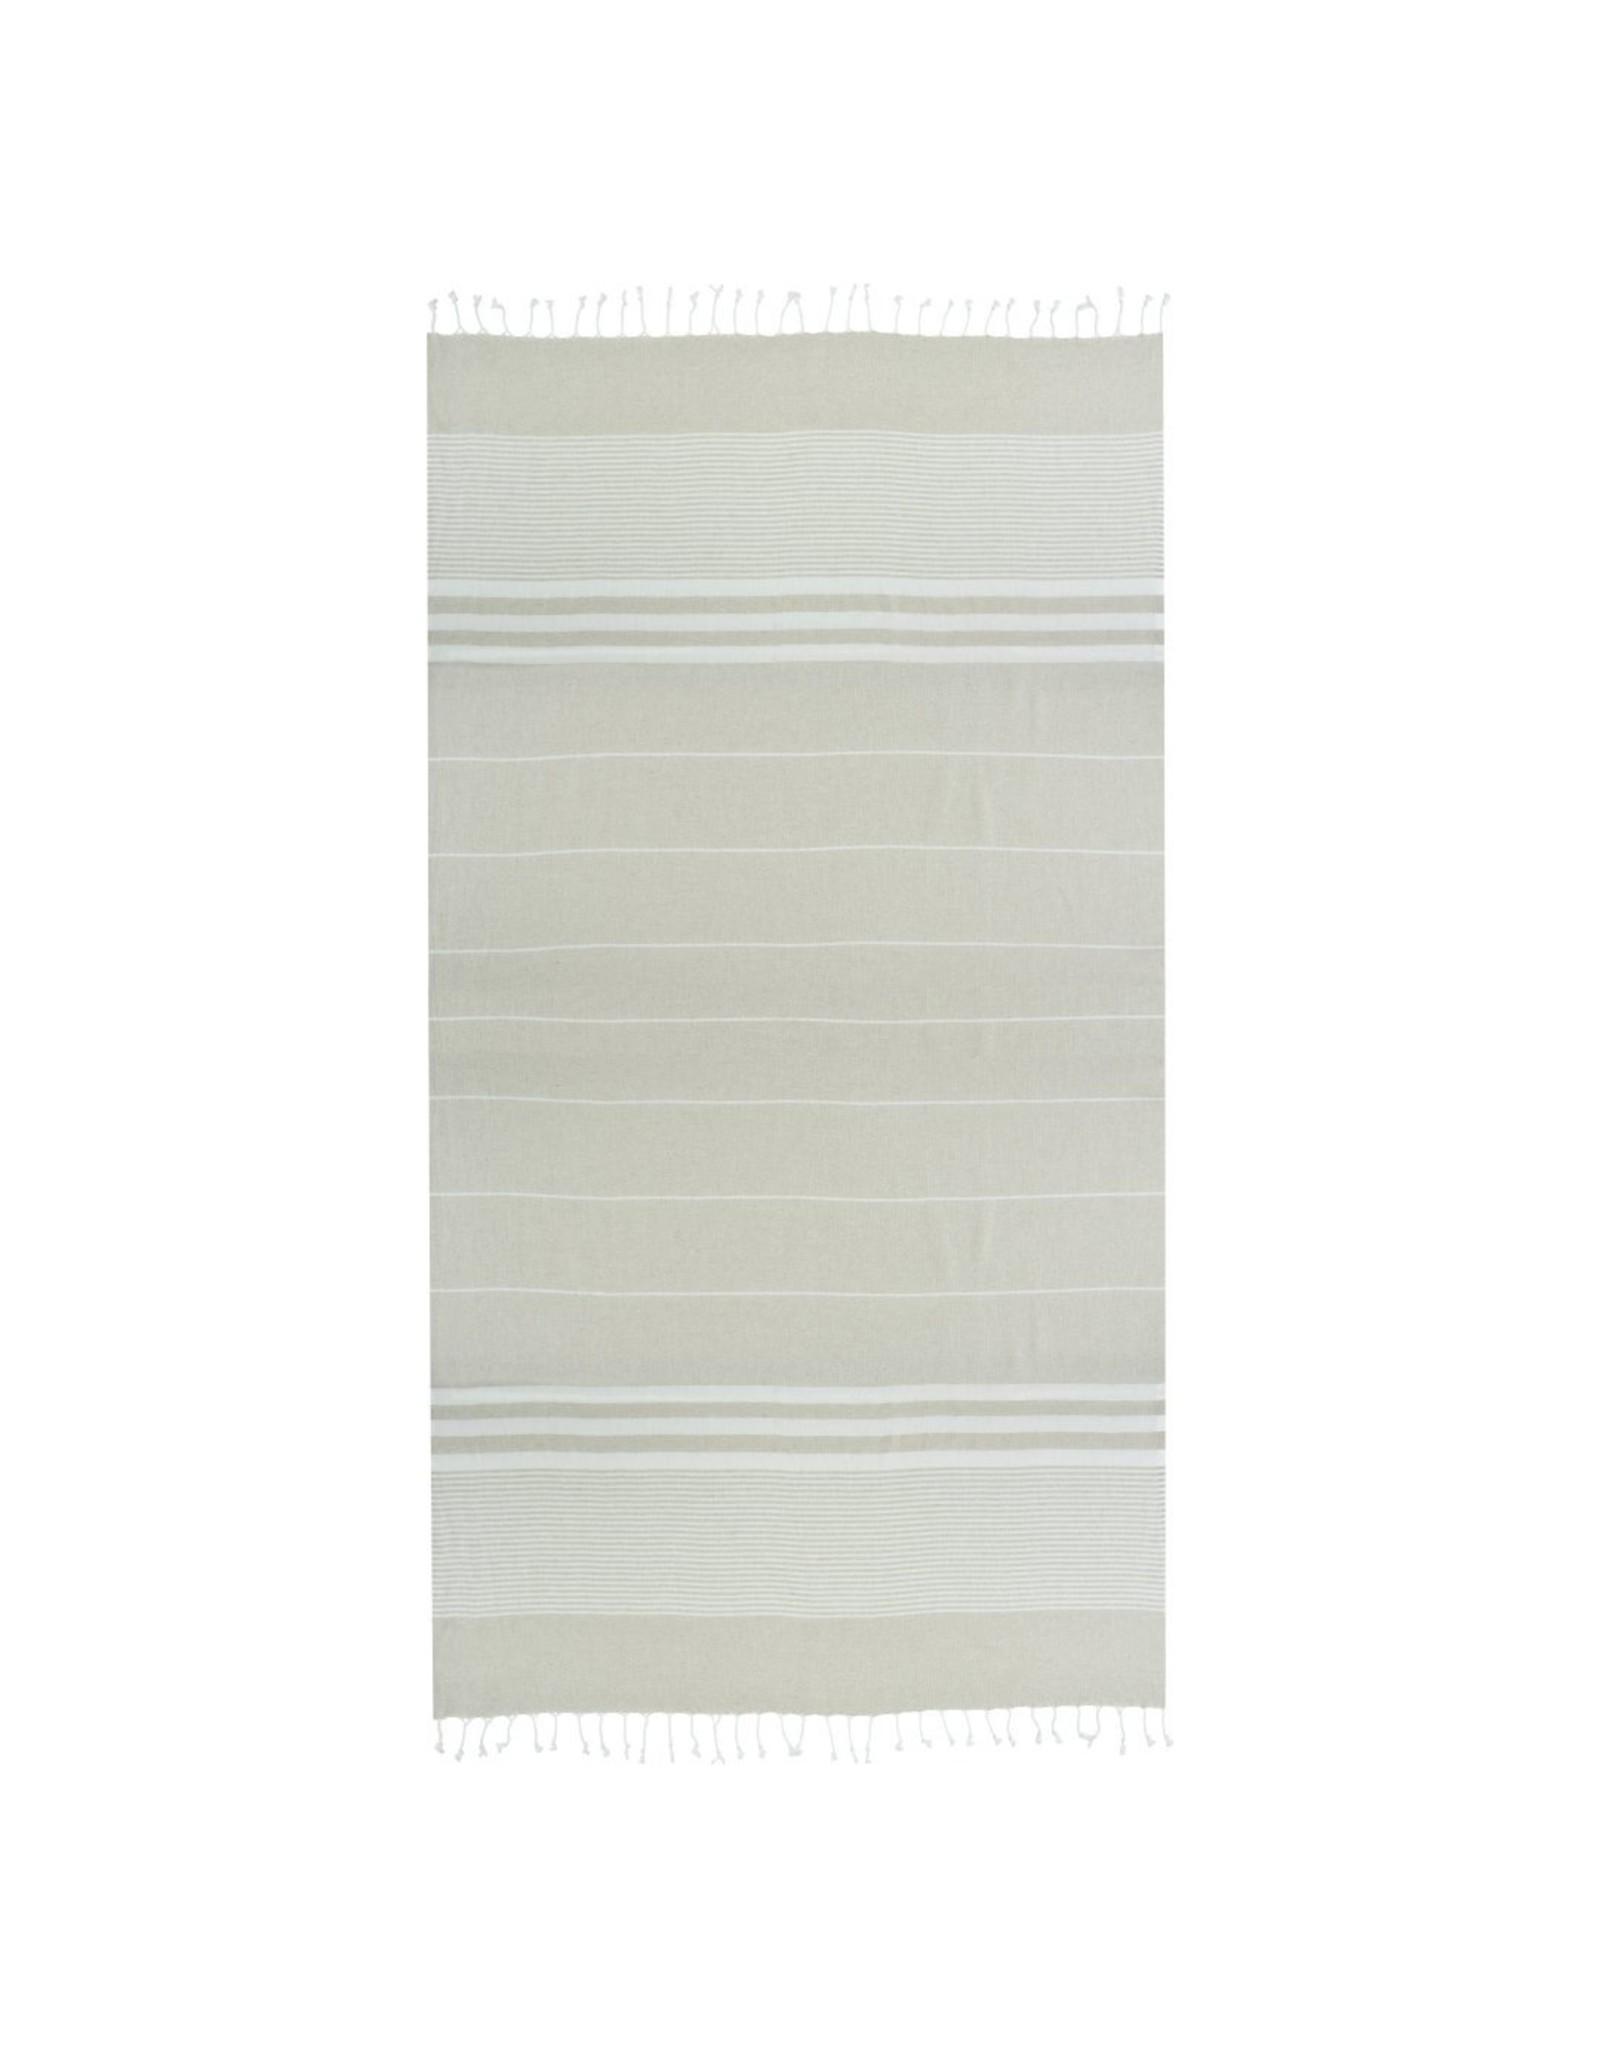 Towel to go Malibu beige 100%BW oeko tex